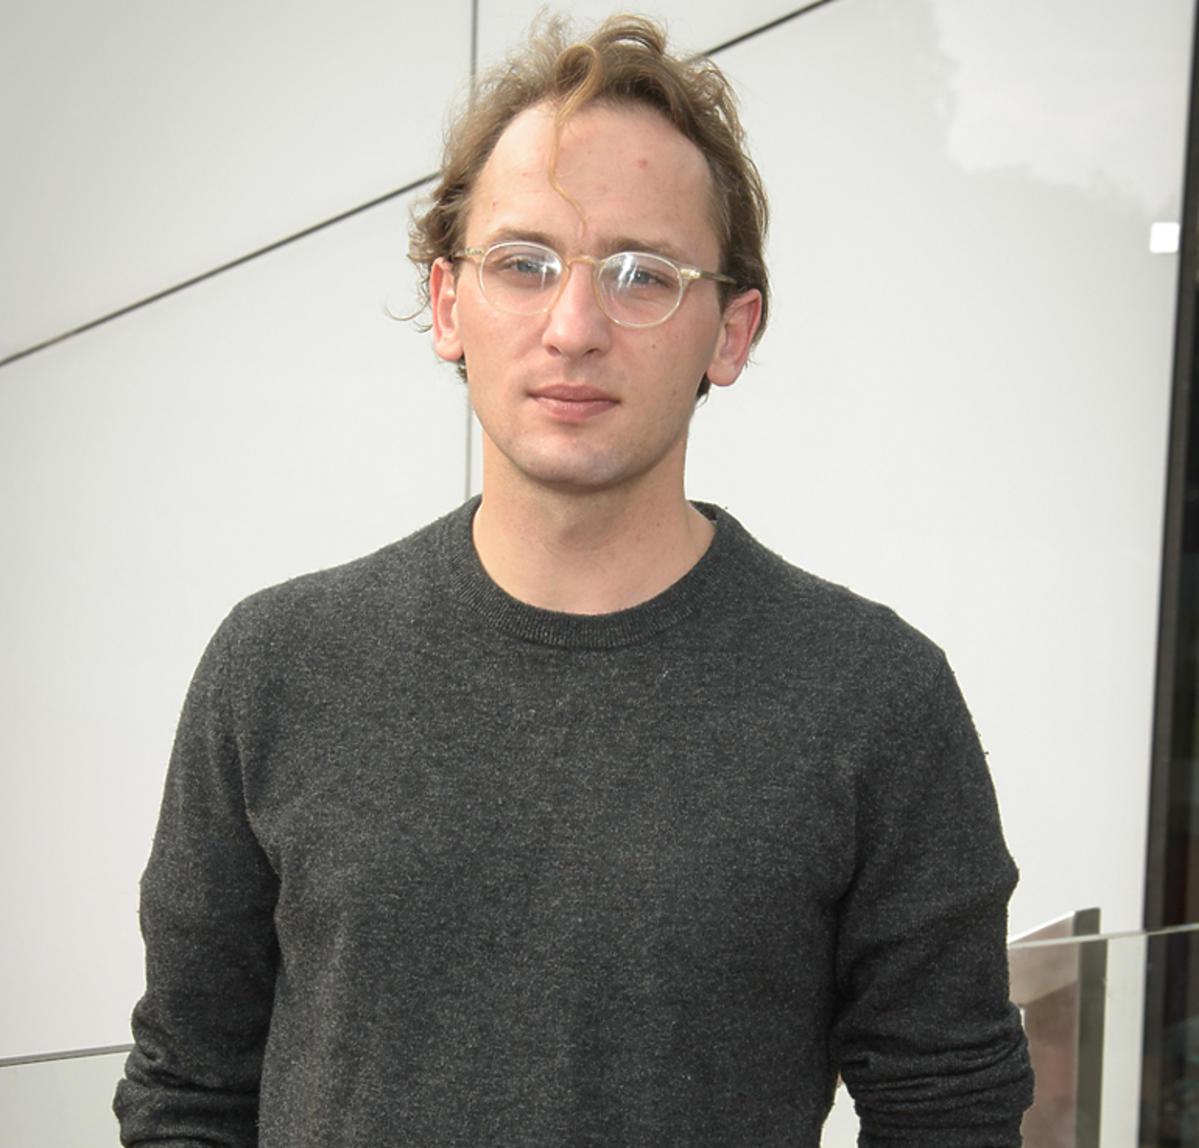 Paweł Tomaszewski wyznał, że jest gejem